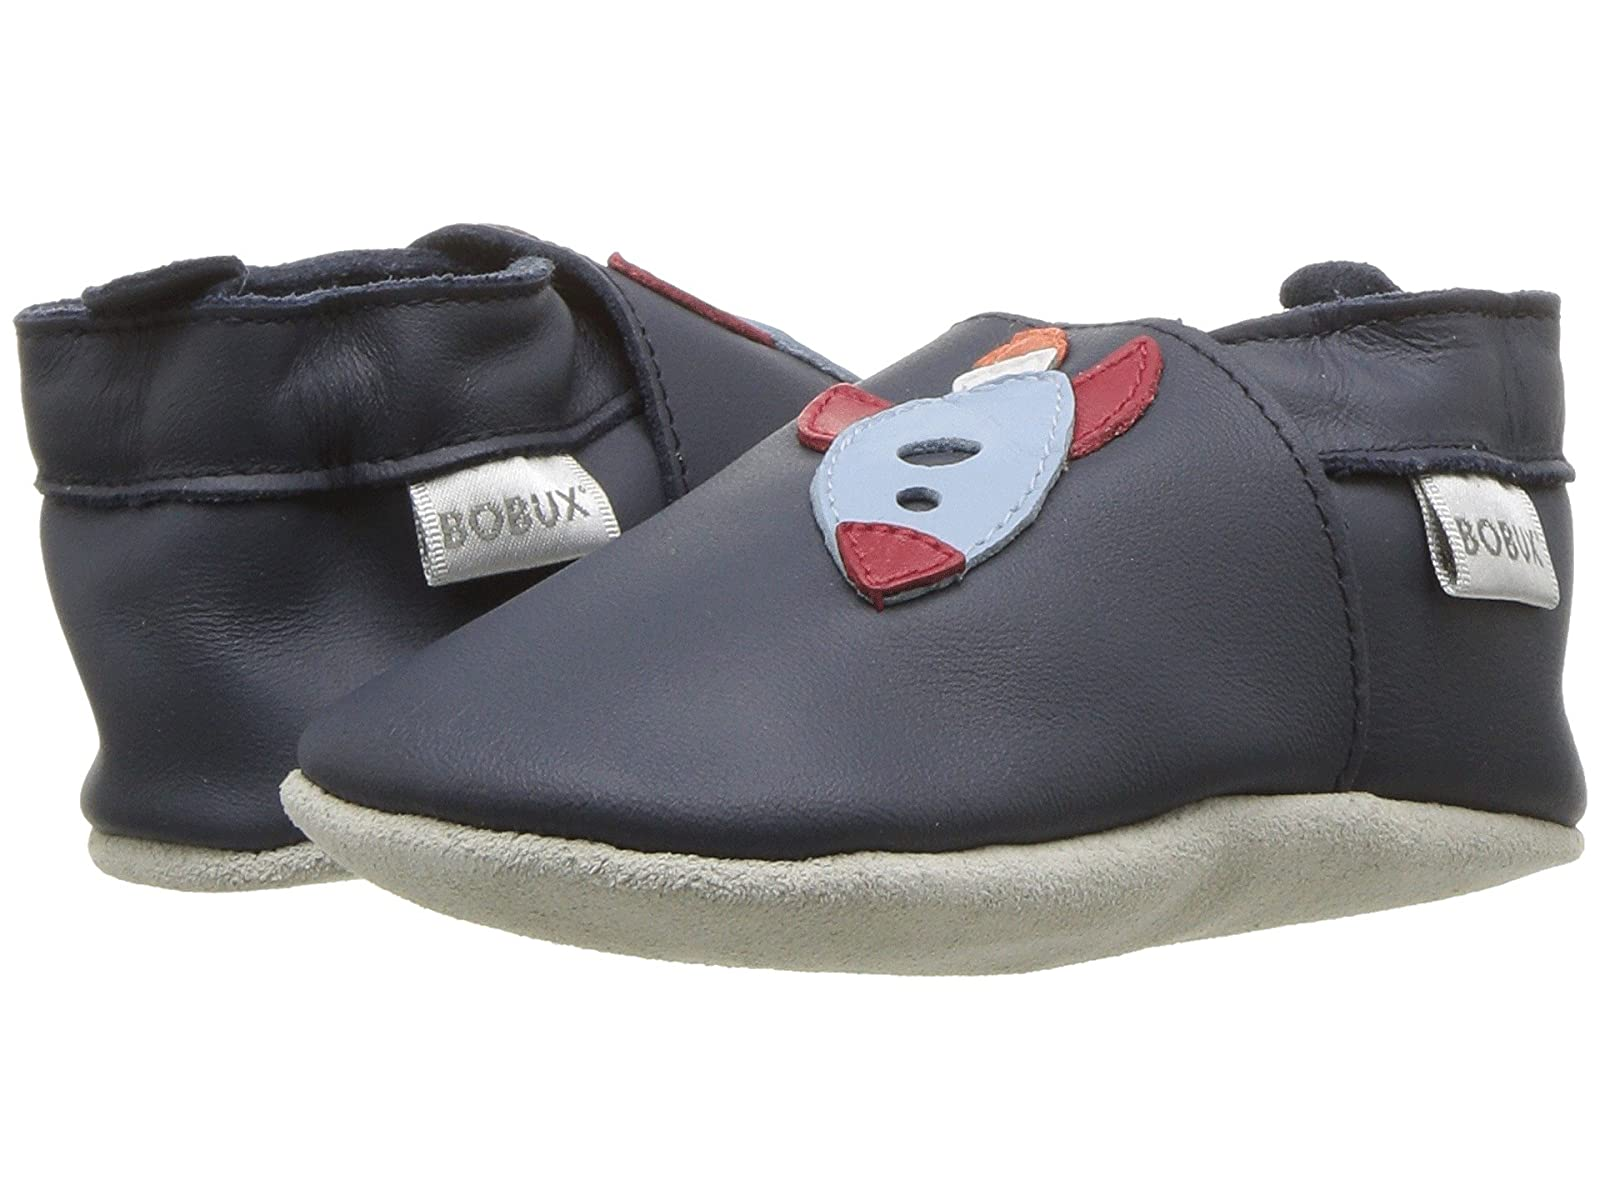 Bobux Kids Soft Sole Rocket (Infant)Atmospheric grades have affordable shoes